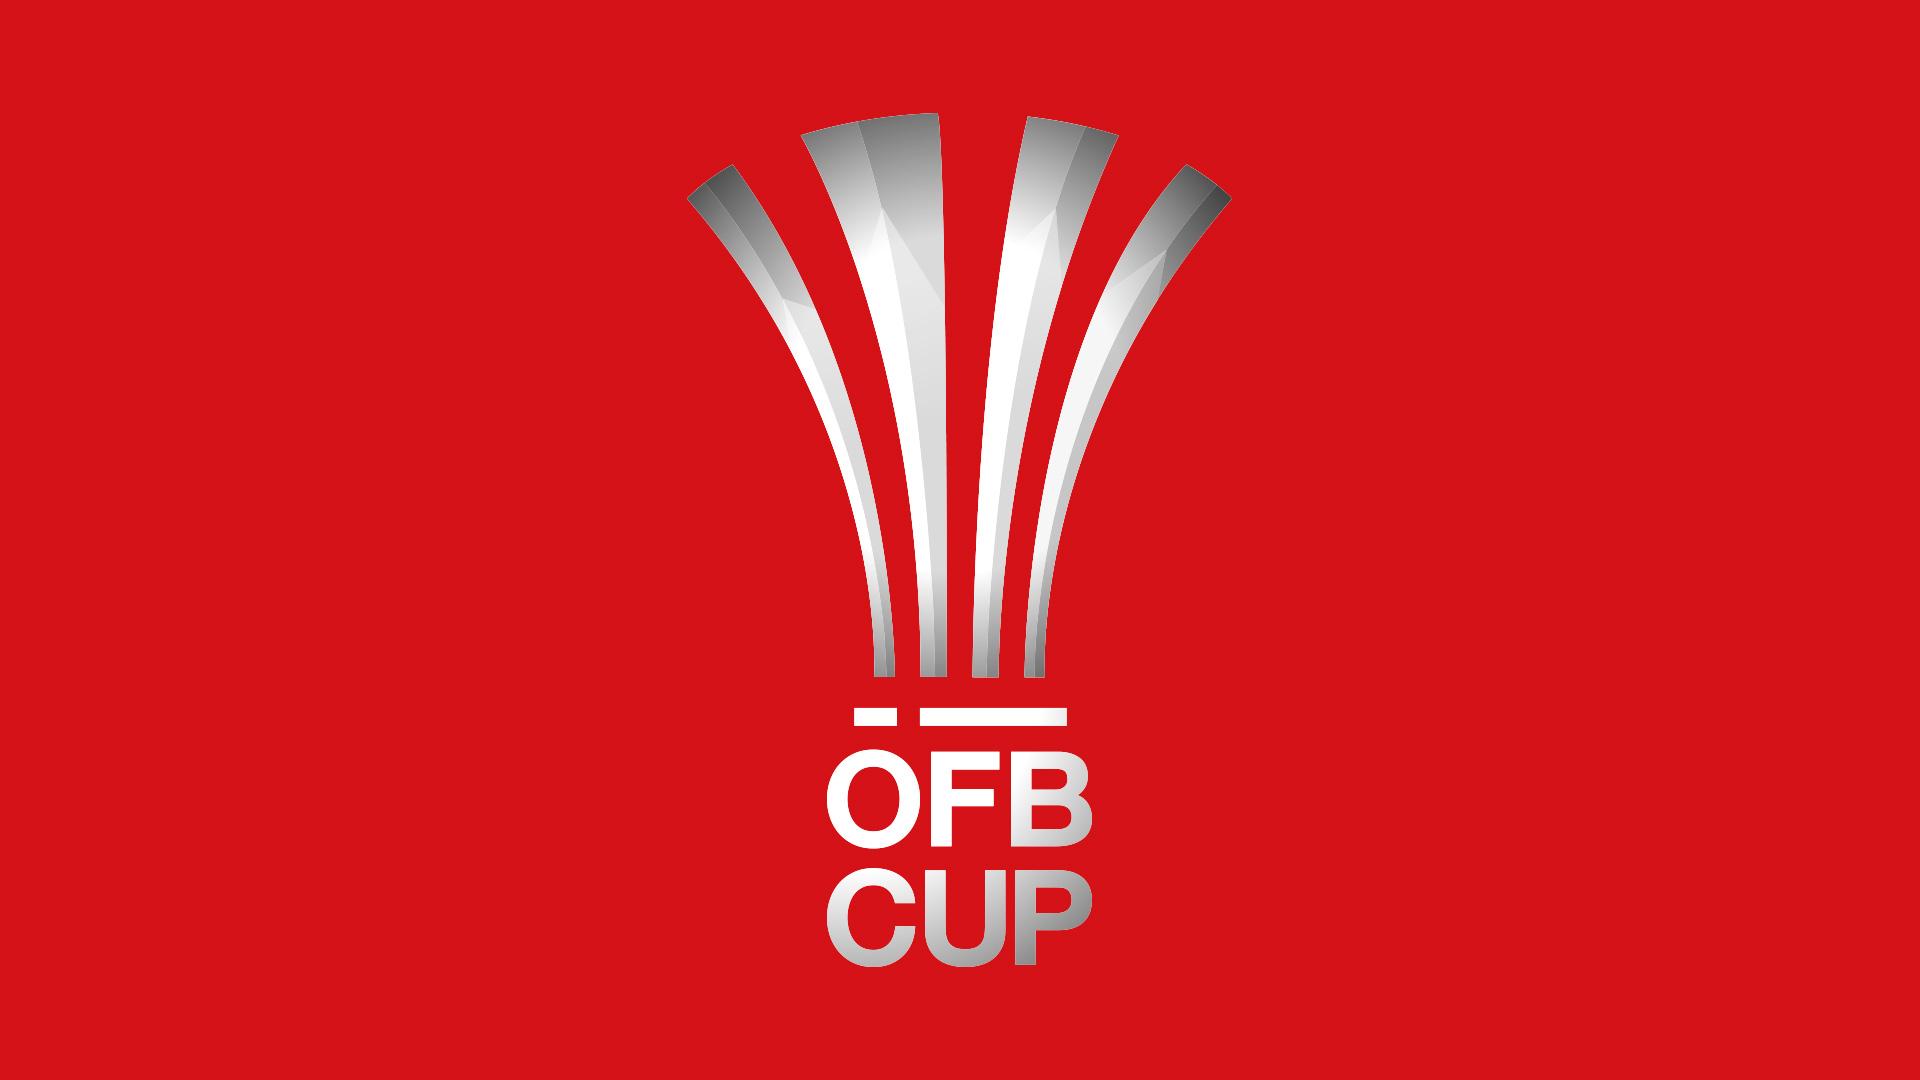 ÖFB_Big_Logo_1920x1080